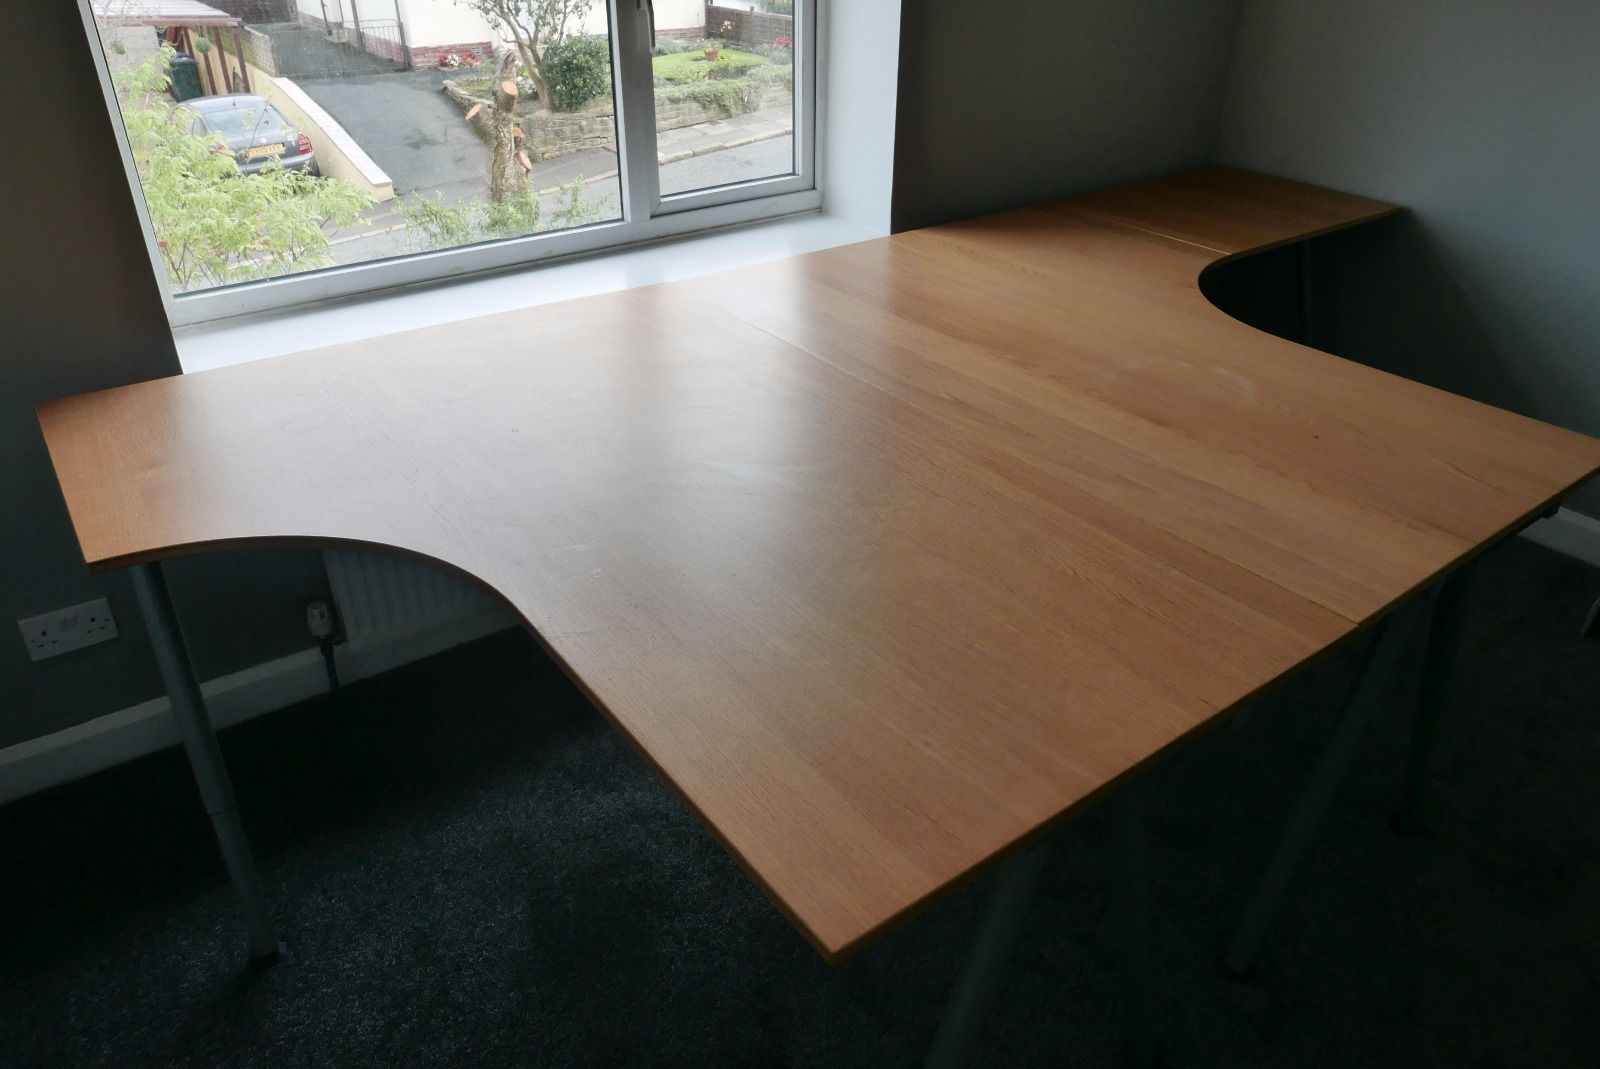 kontor-venstre-hjørne-skrivebord-ikea-Galant-bekant-_57